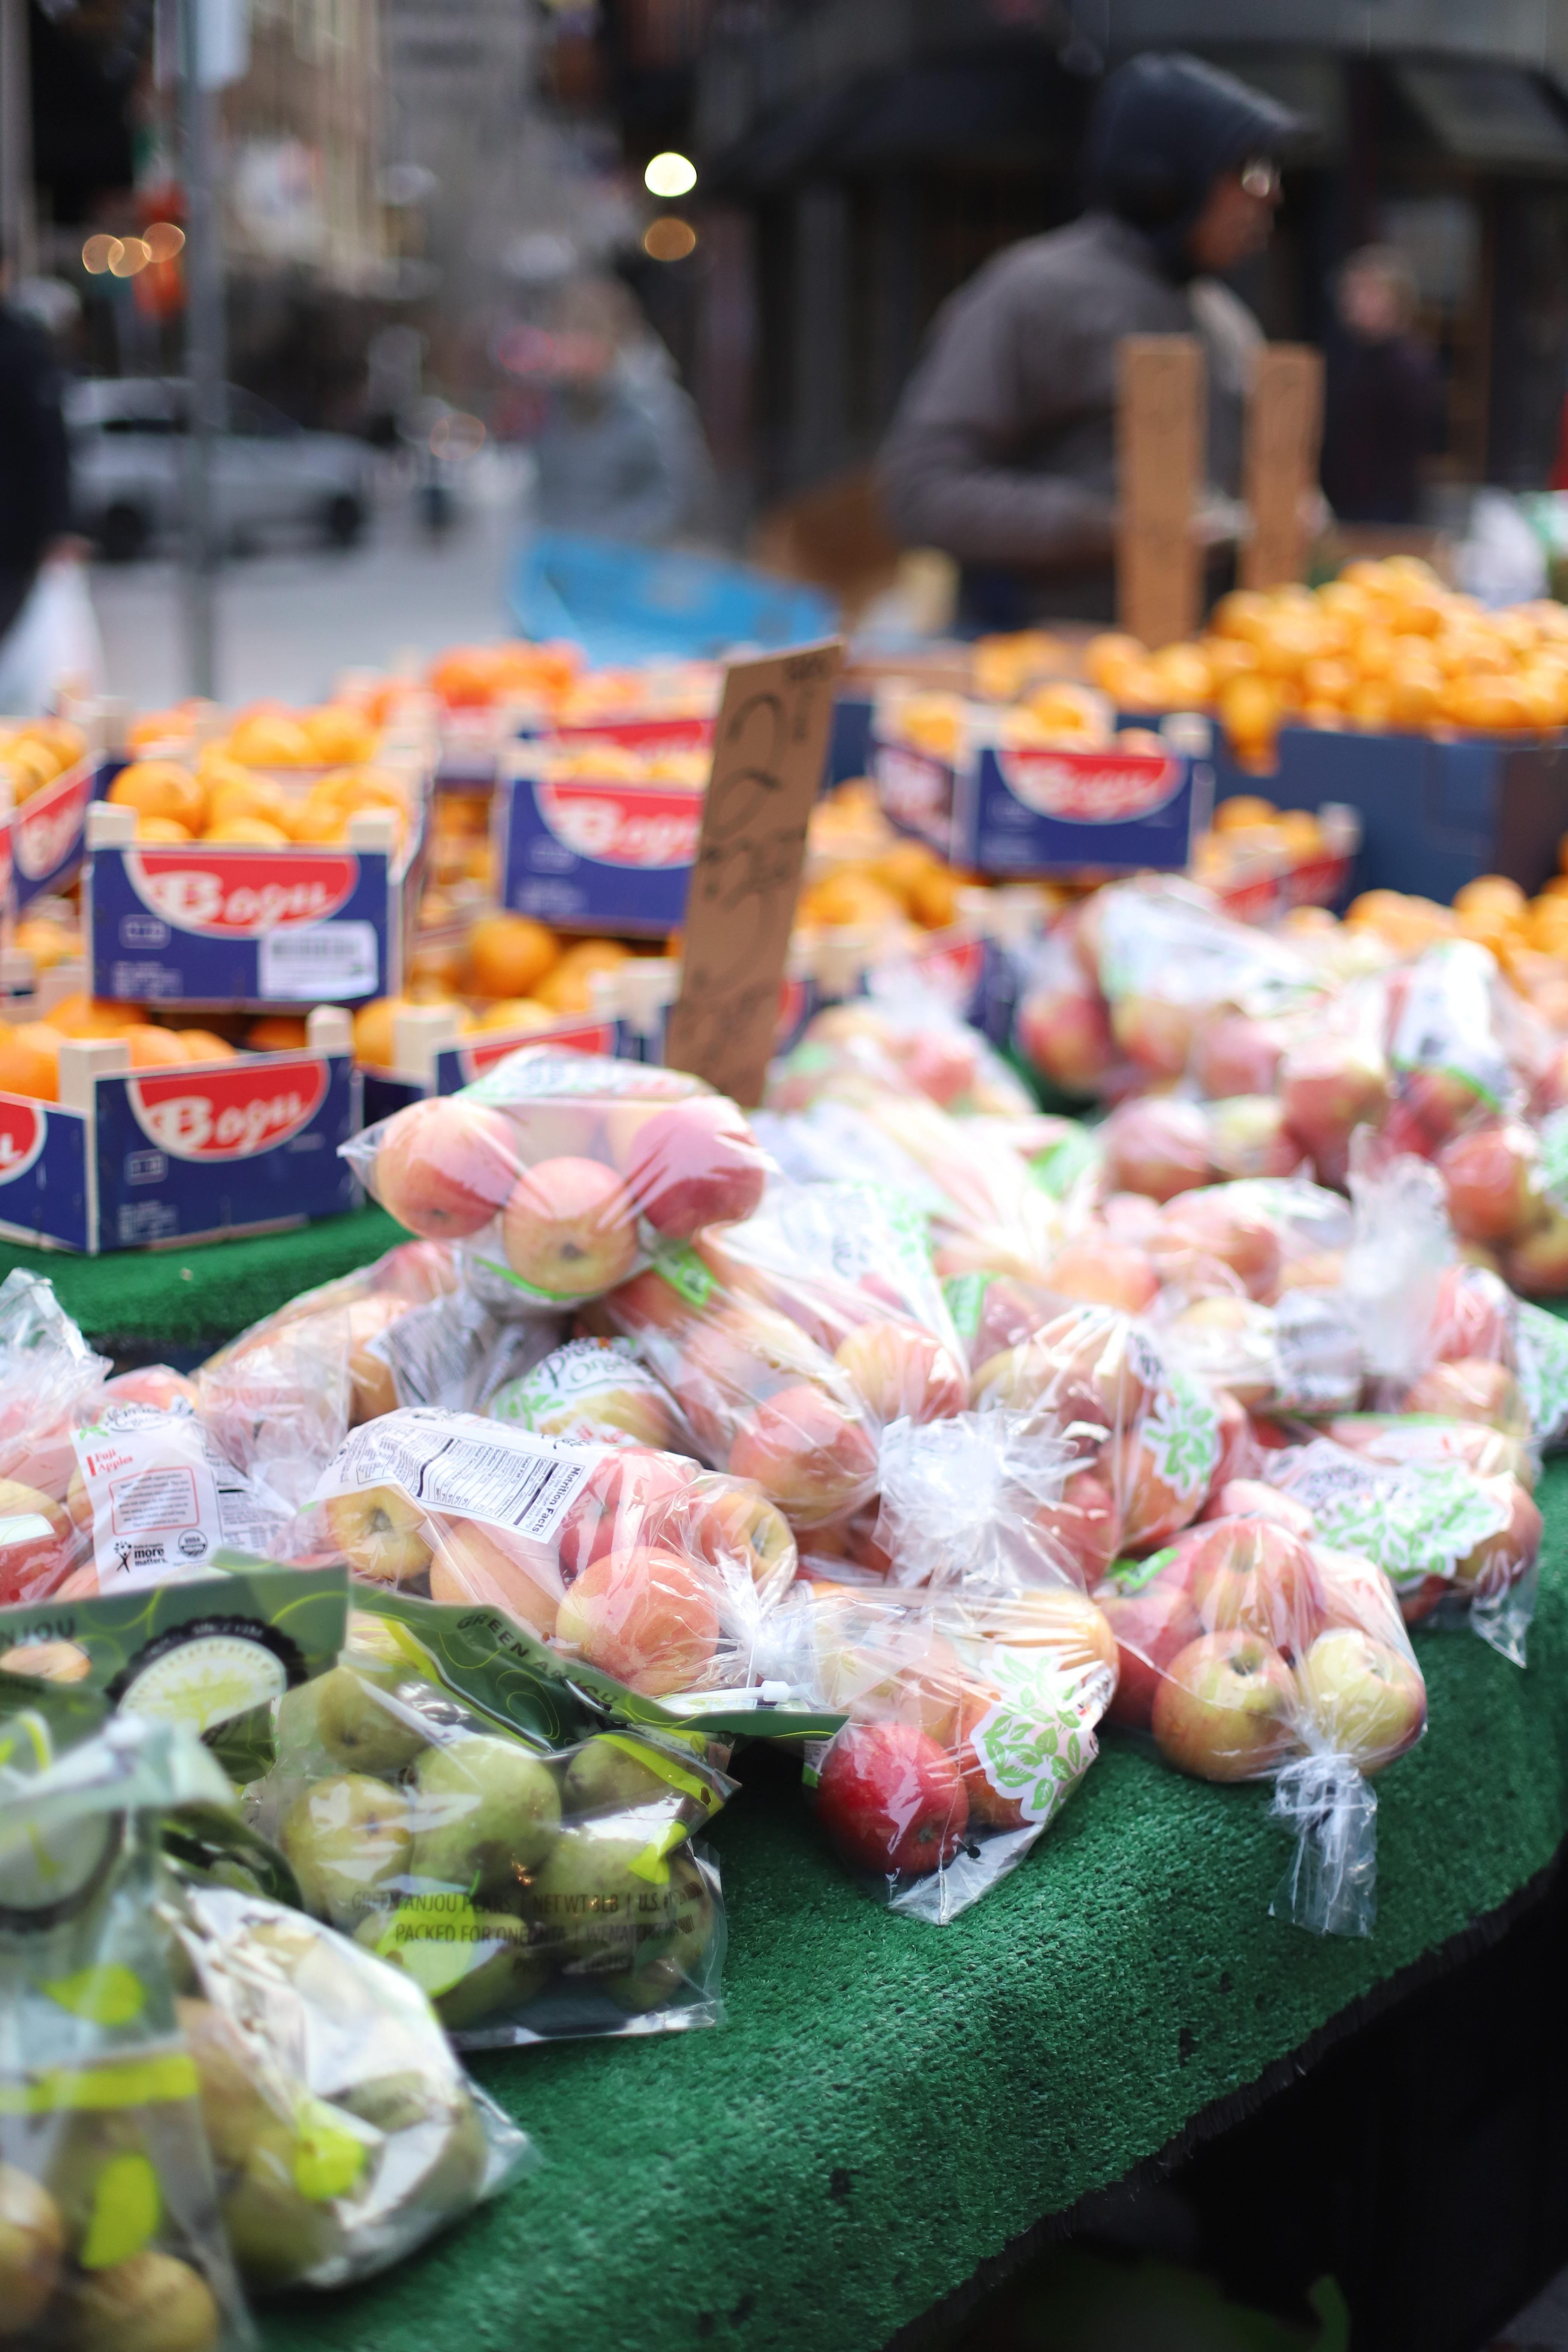 Farmers Markets in Boston